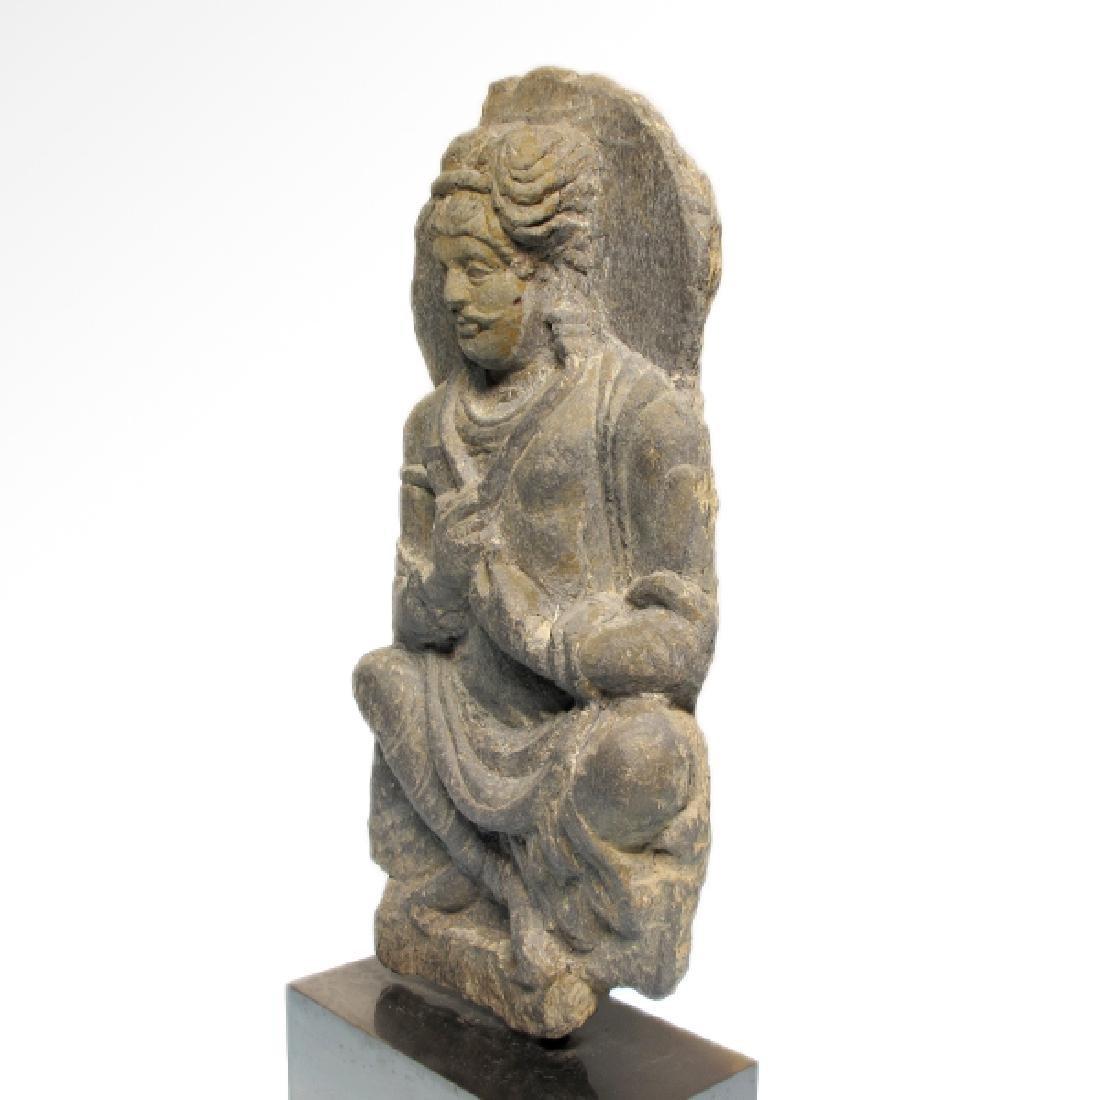 Gandhara Schist Relief Figure of a Bodhisattva, c. - 5